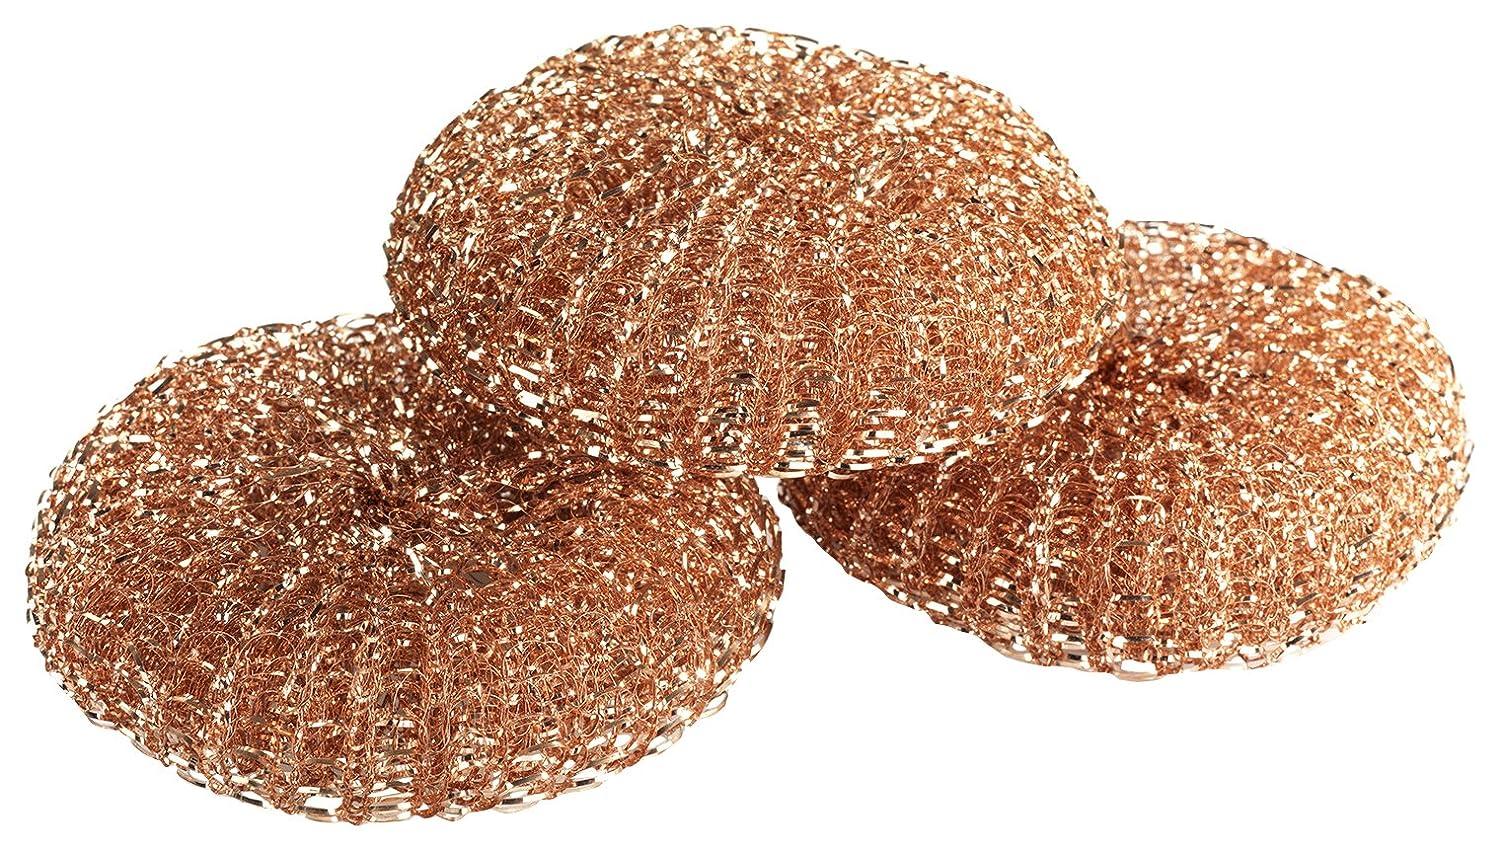 3er Set Kupfer Kupfer Putzschwamm 9 x 2.2 x 9 cm WENKO 87643500 Kupfer-Putzlinge